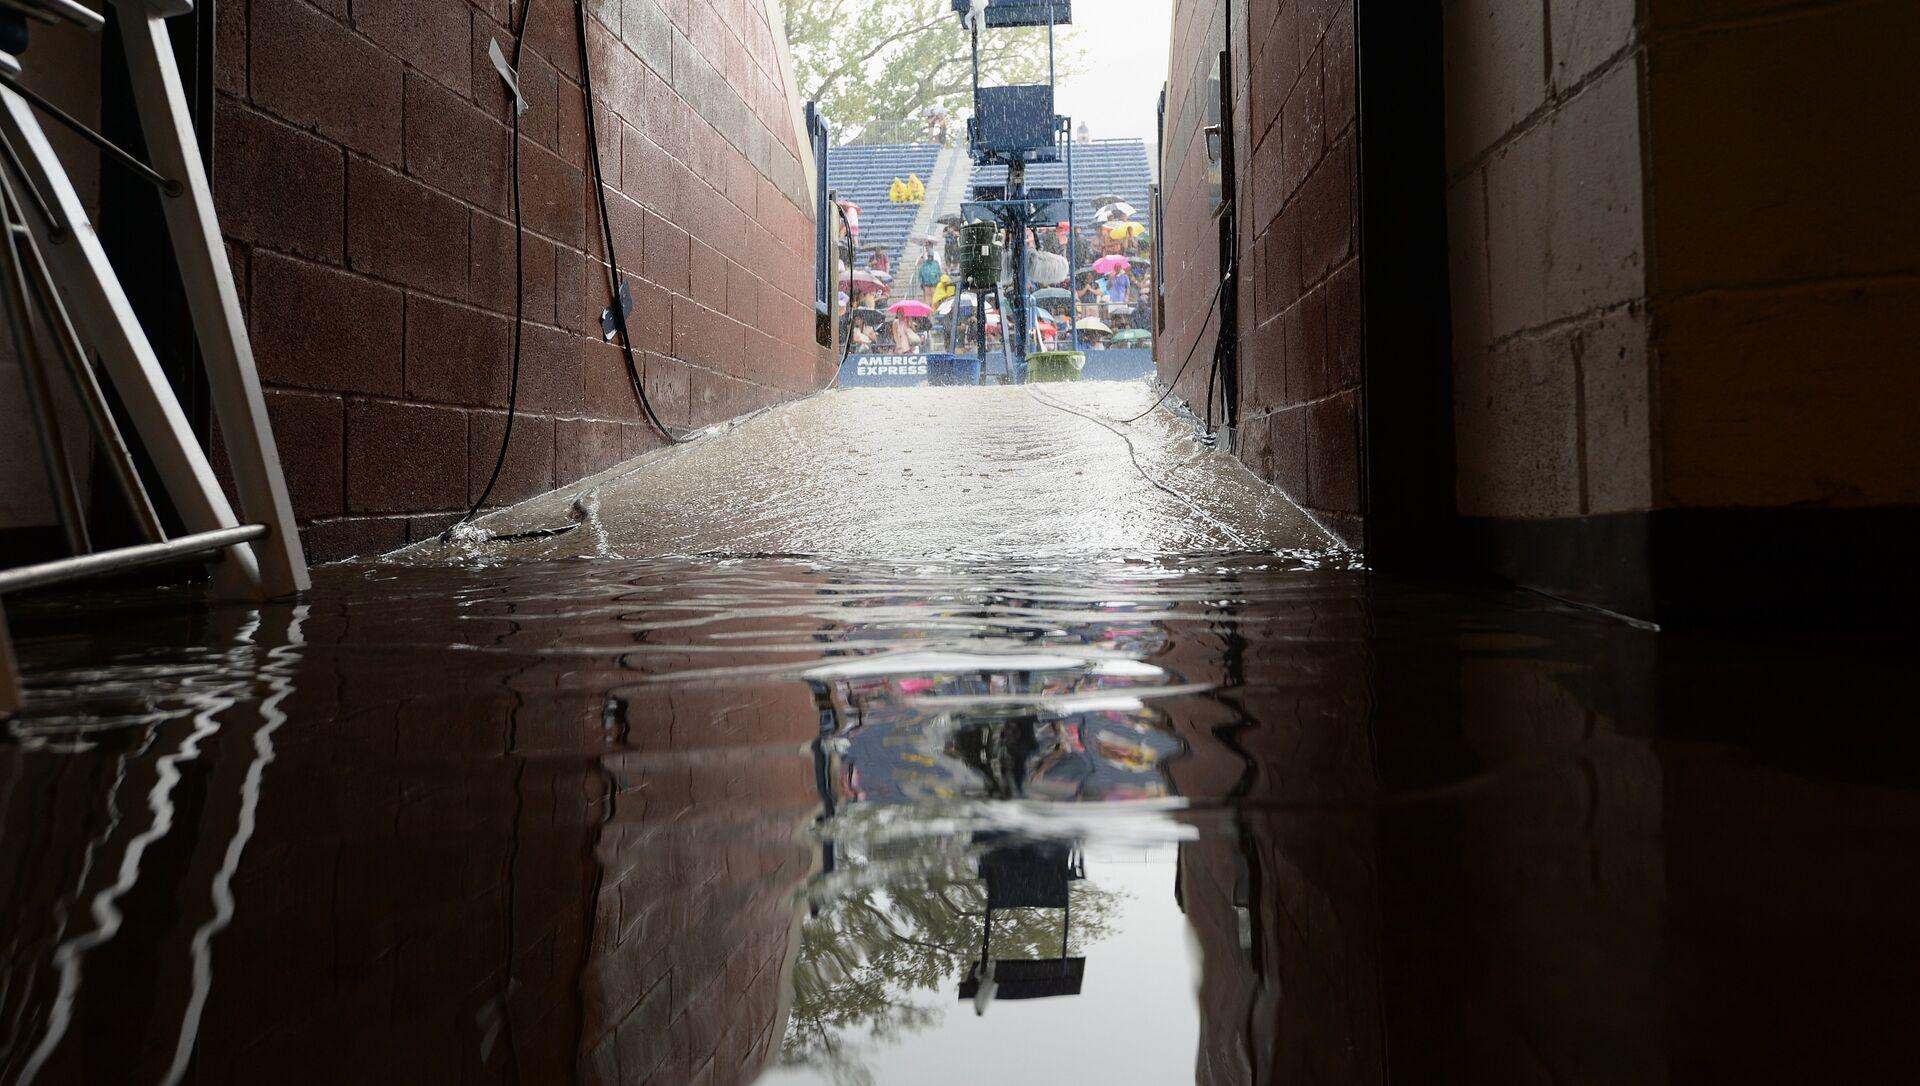 Inondation à New York. Archive photo - Sputnik France, 1920, 03.09.2021